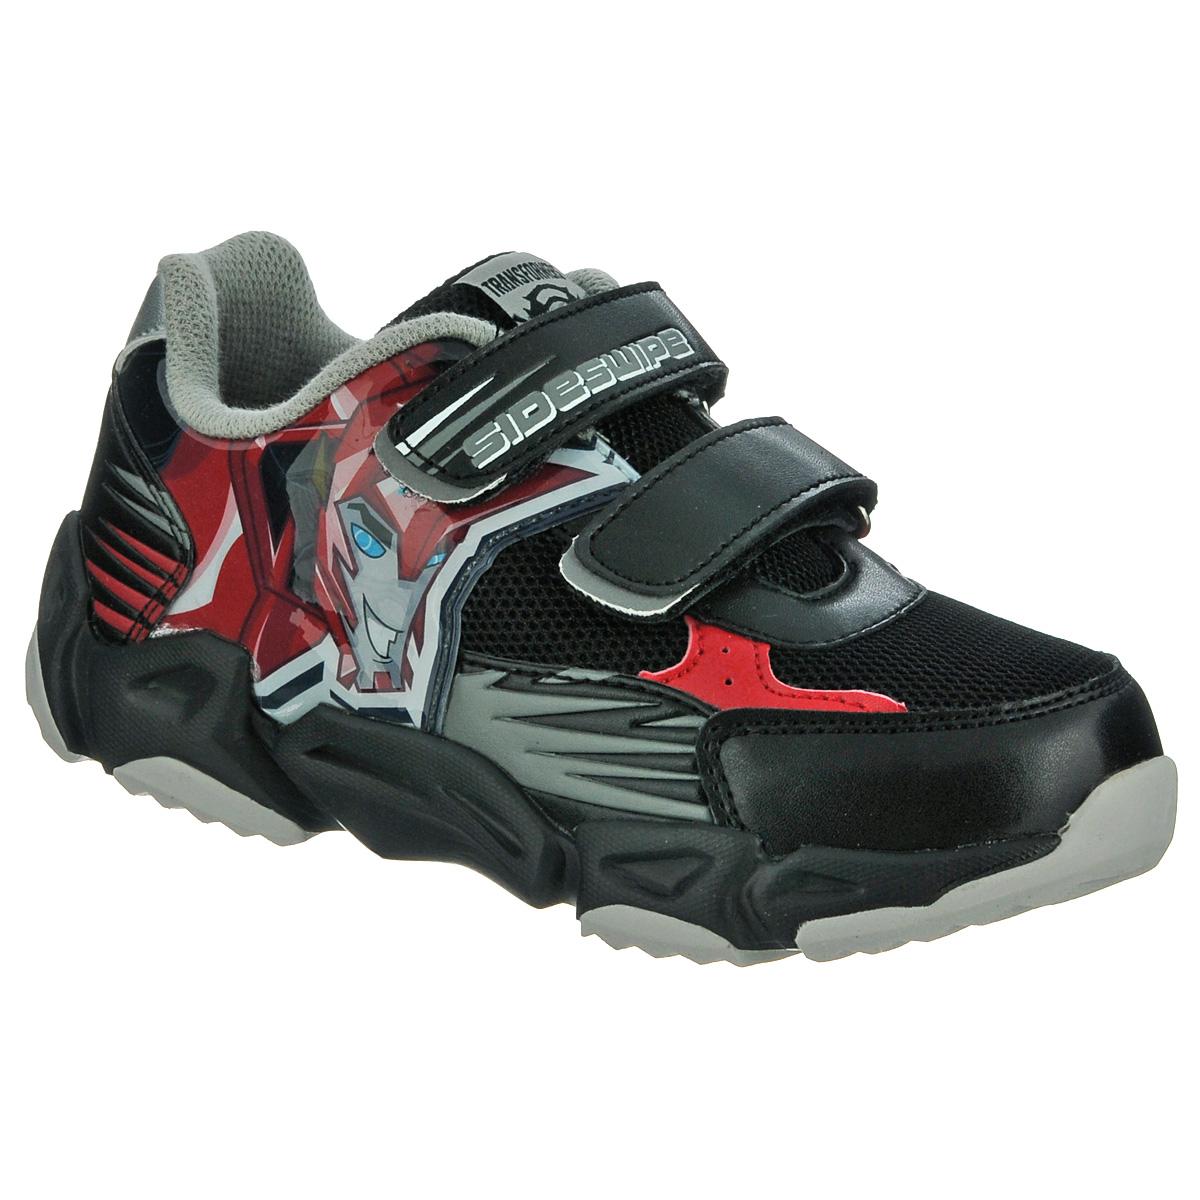 Купить кроссовки Kakadu, цвет: черный. Кроссовки для мальчика Transformers. 5254 - цена в интернет-магазине обуви